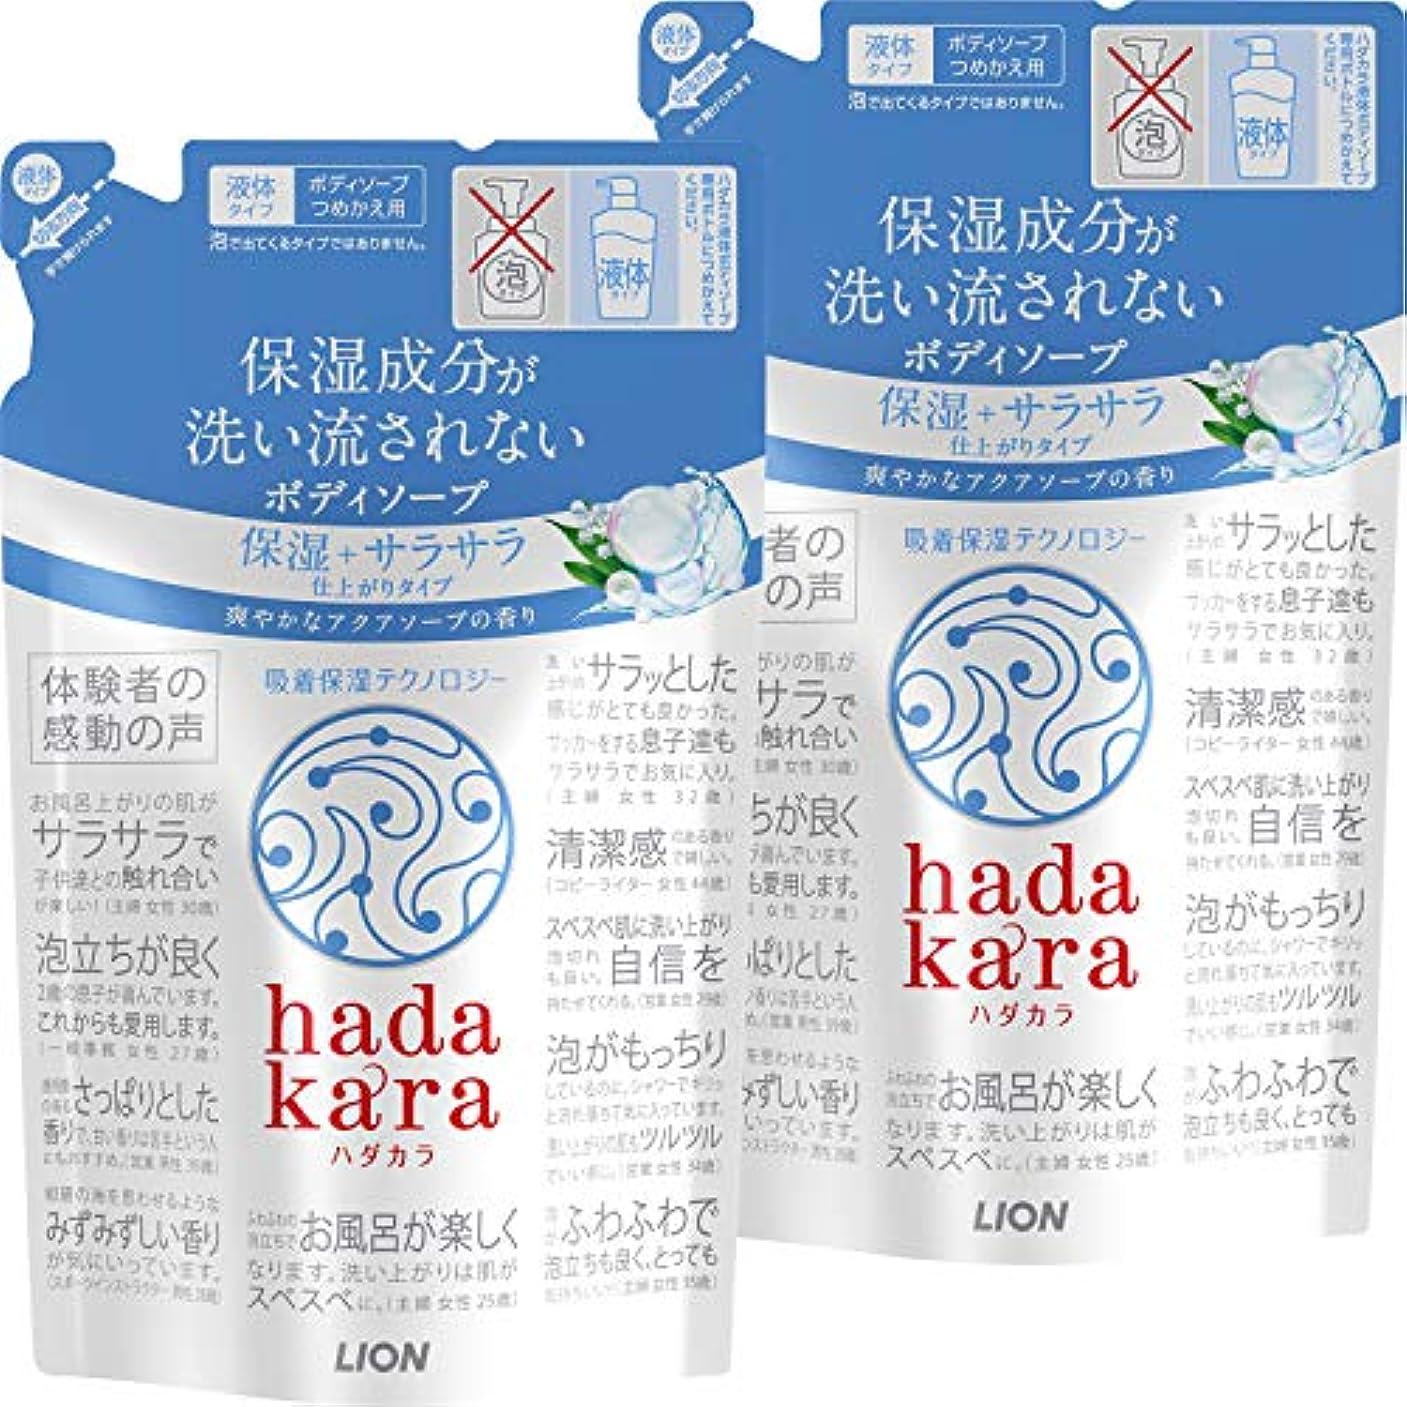 裂け目インレイ分泌する【まとめ買い】hadakara(ハダカラ) ボディソープ 保湿+サラサラ仕上がりタイプ アクアソープの香り 詰め替え 340ml×2個パック